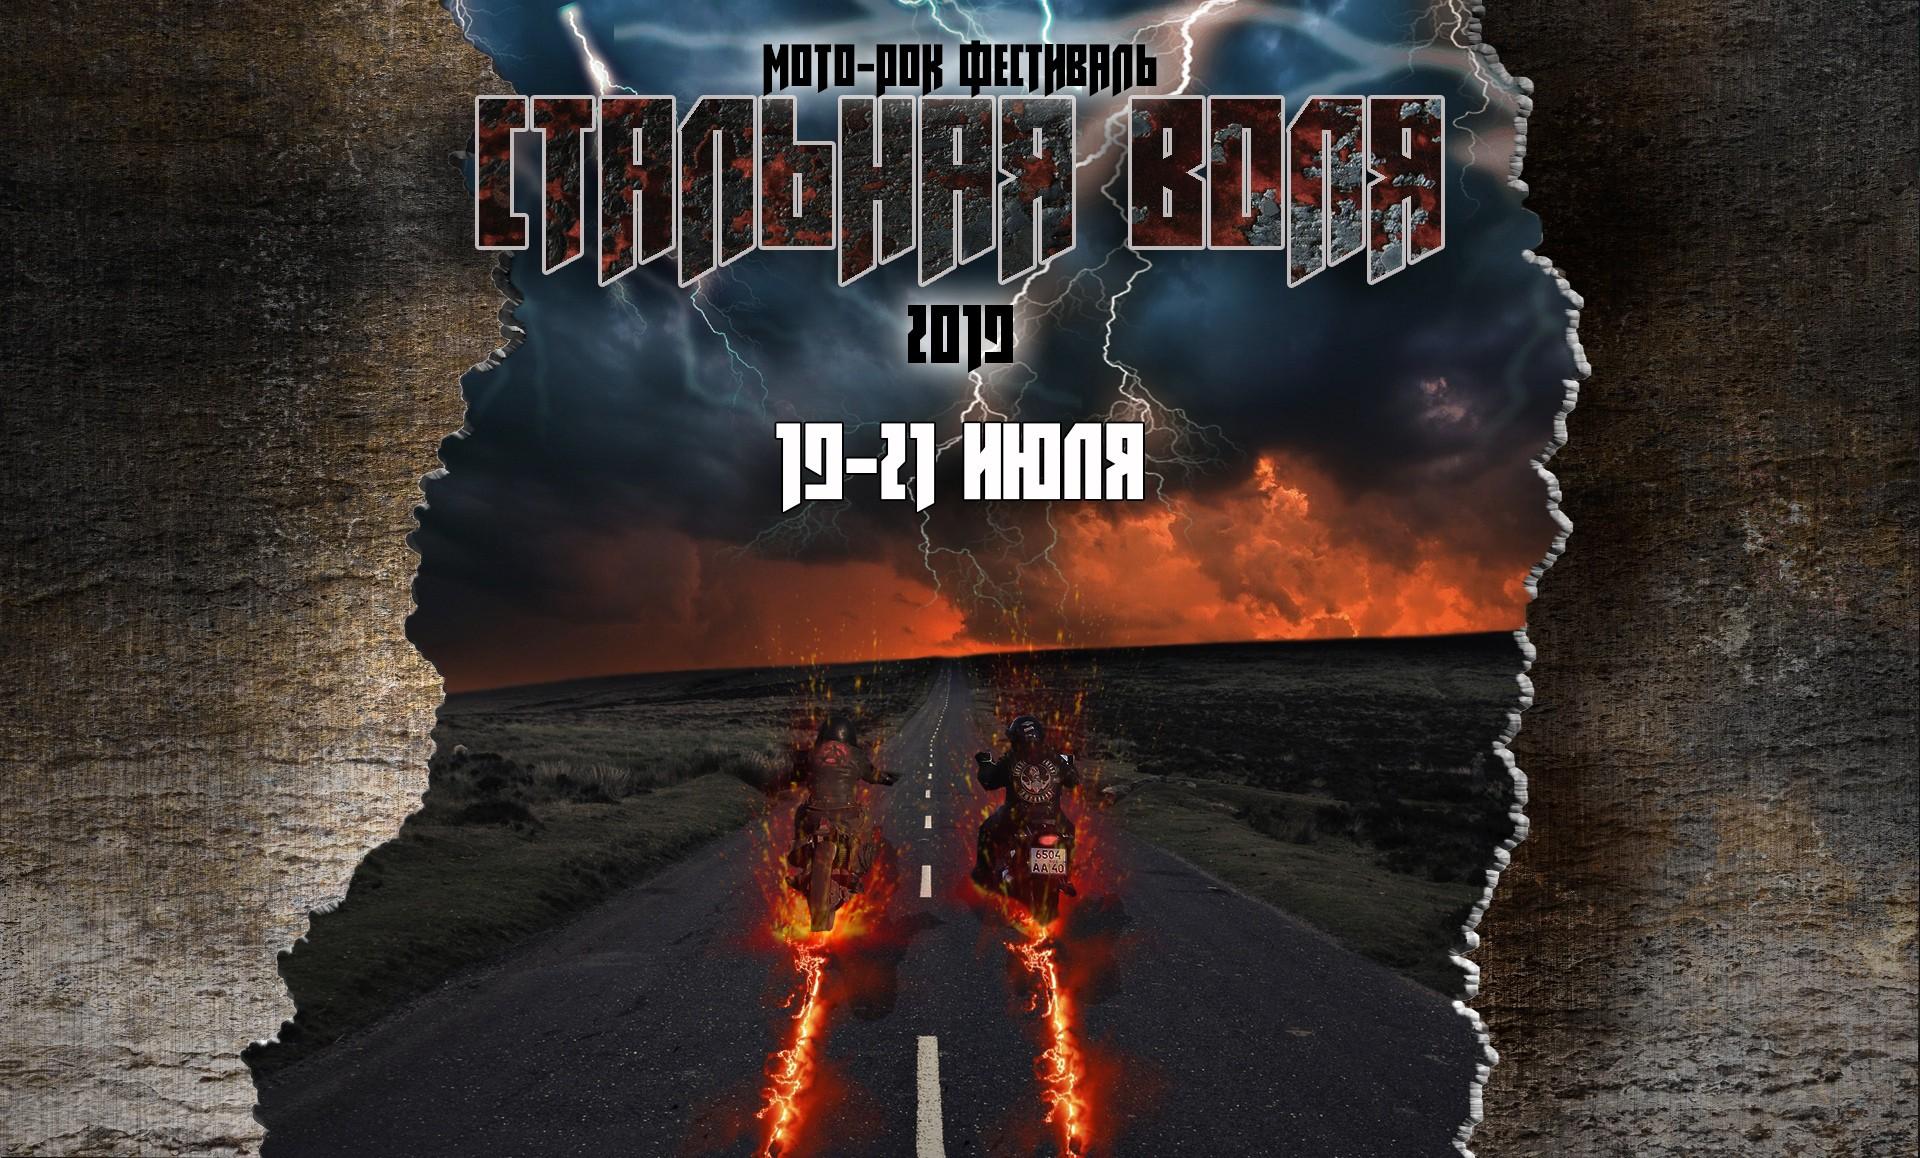 moto-rok-festival-stalnaya-volya-2019